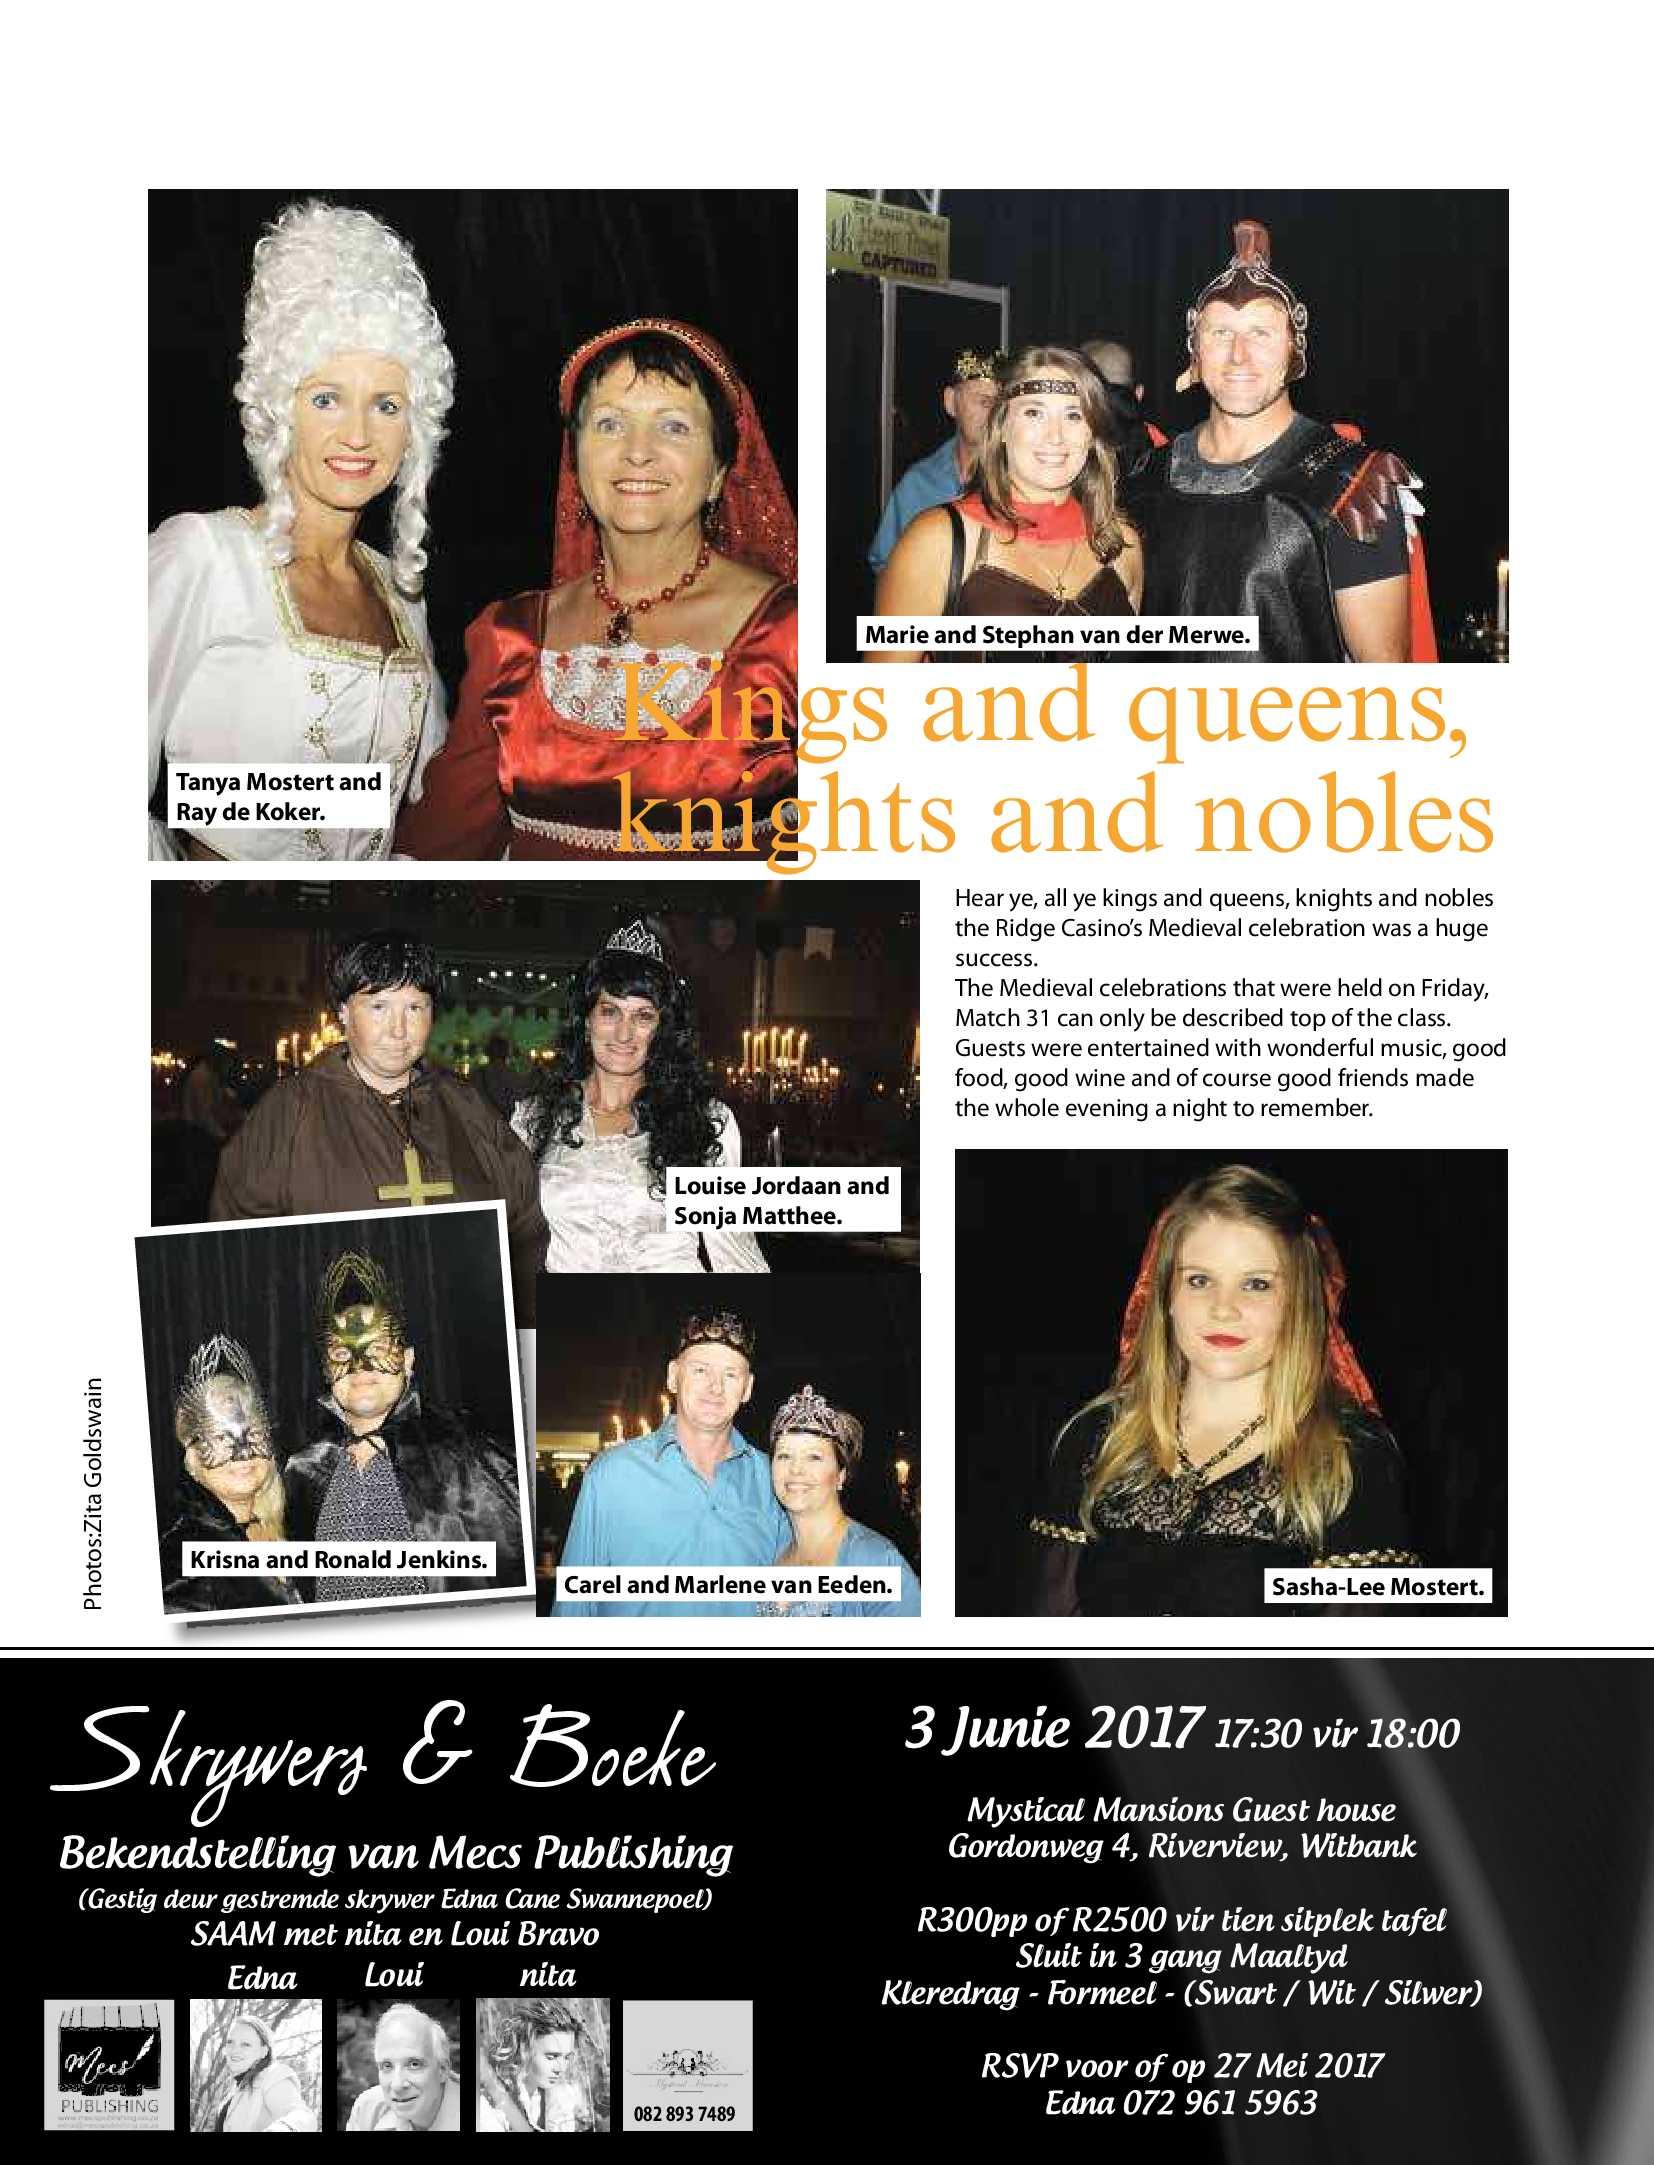 get-middelburg-may-2017-epapers-page-10